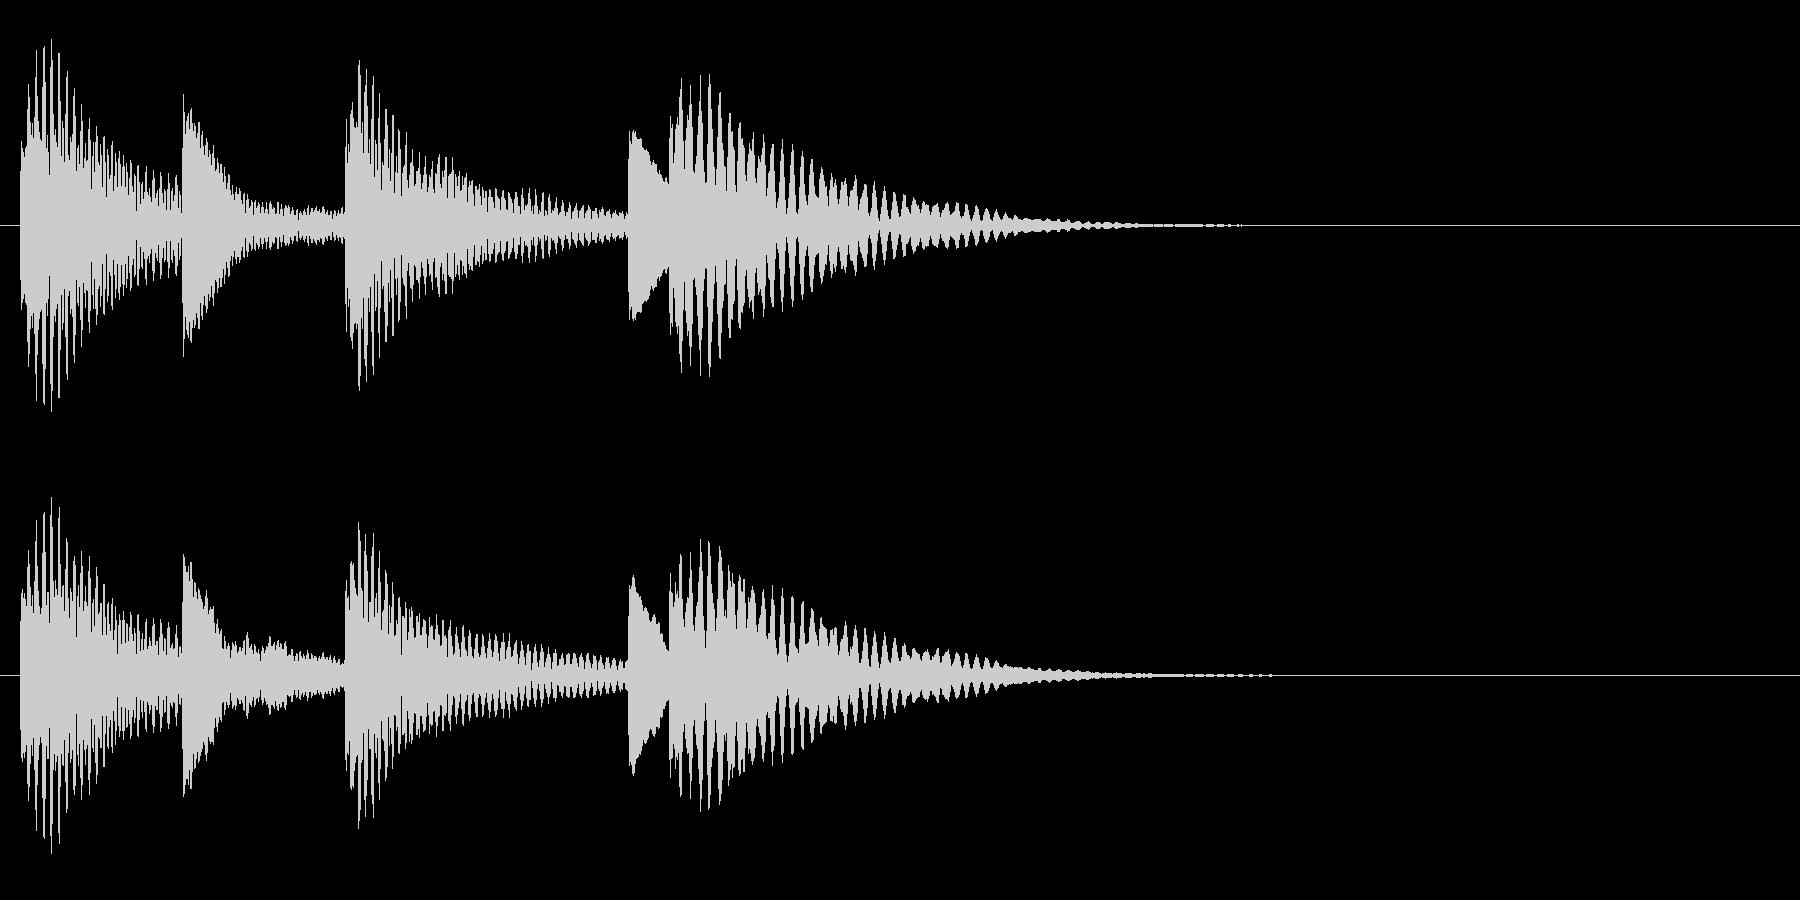 木琴 可愛い シンプル 日常 ジングル の未再生の波形